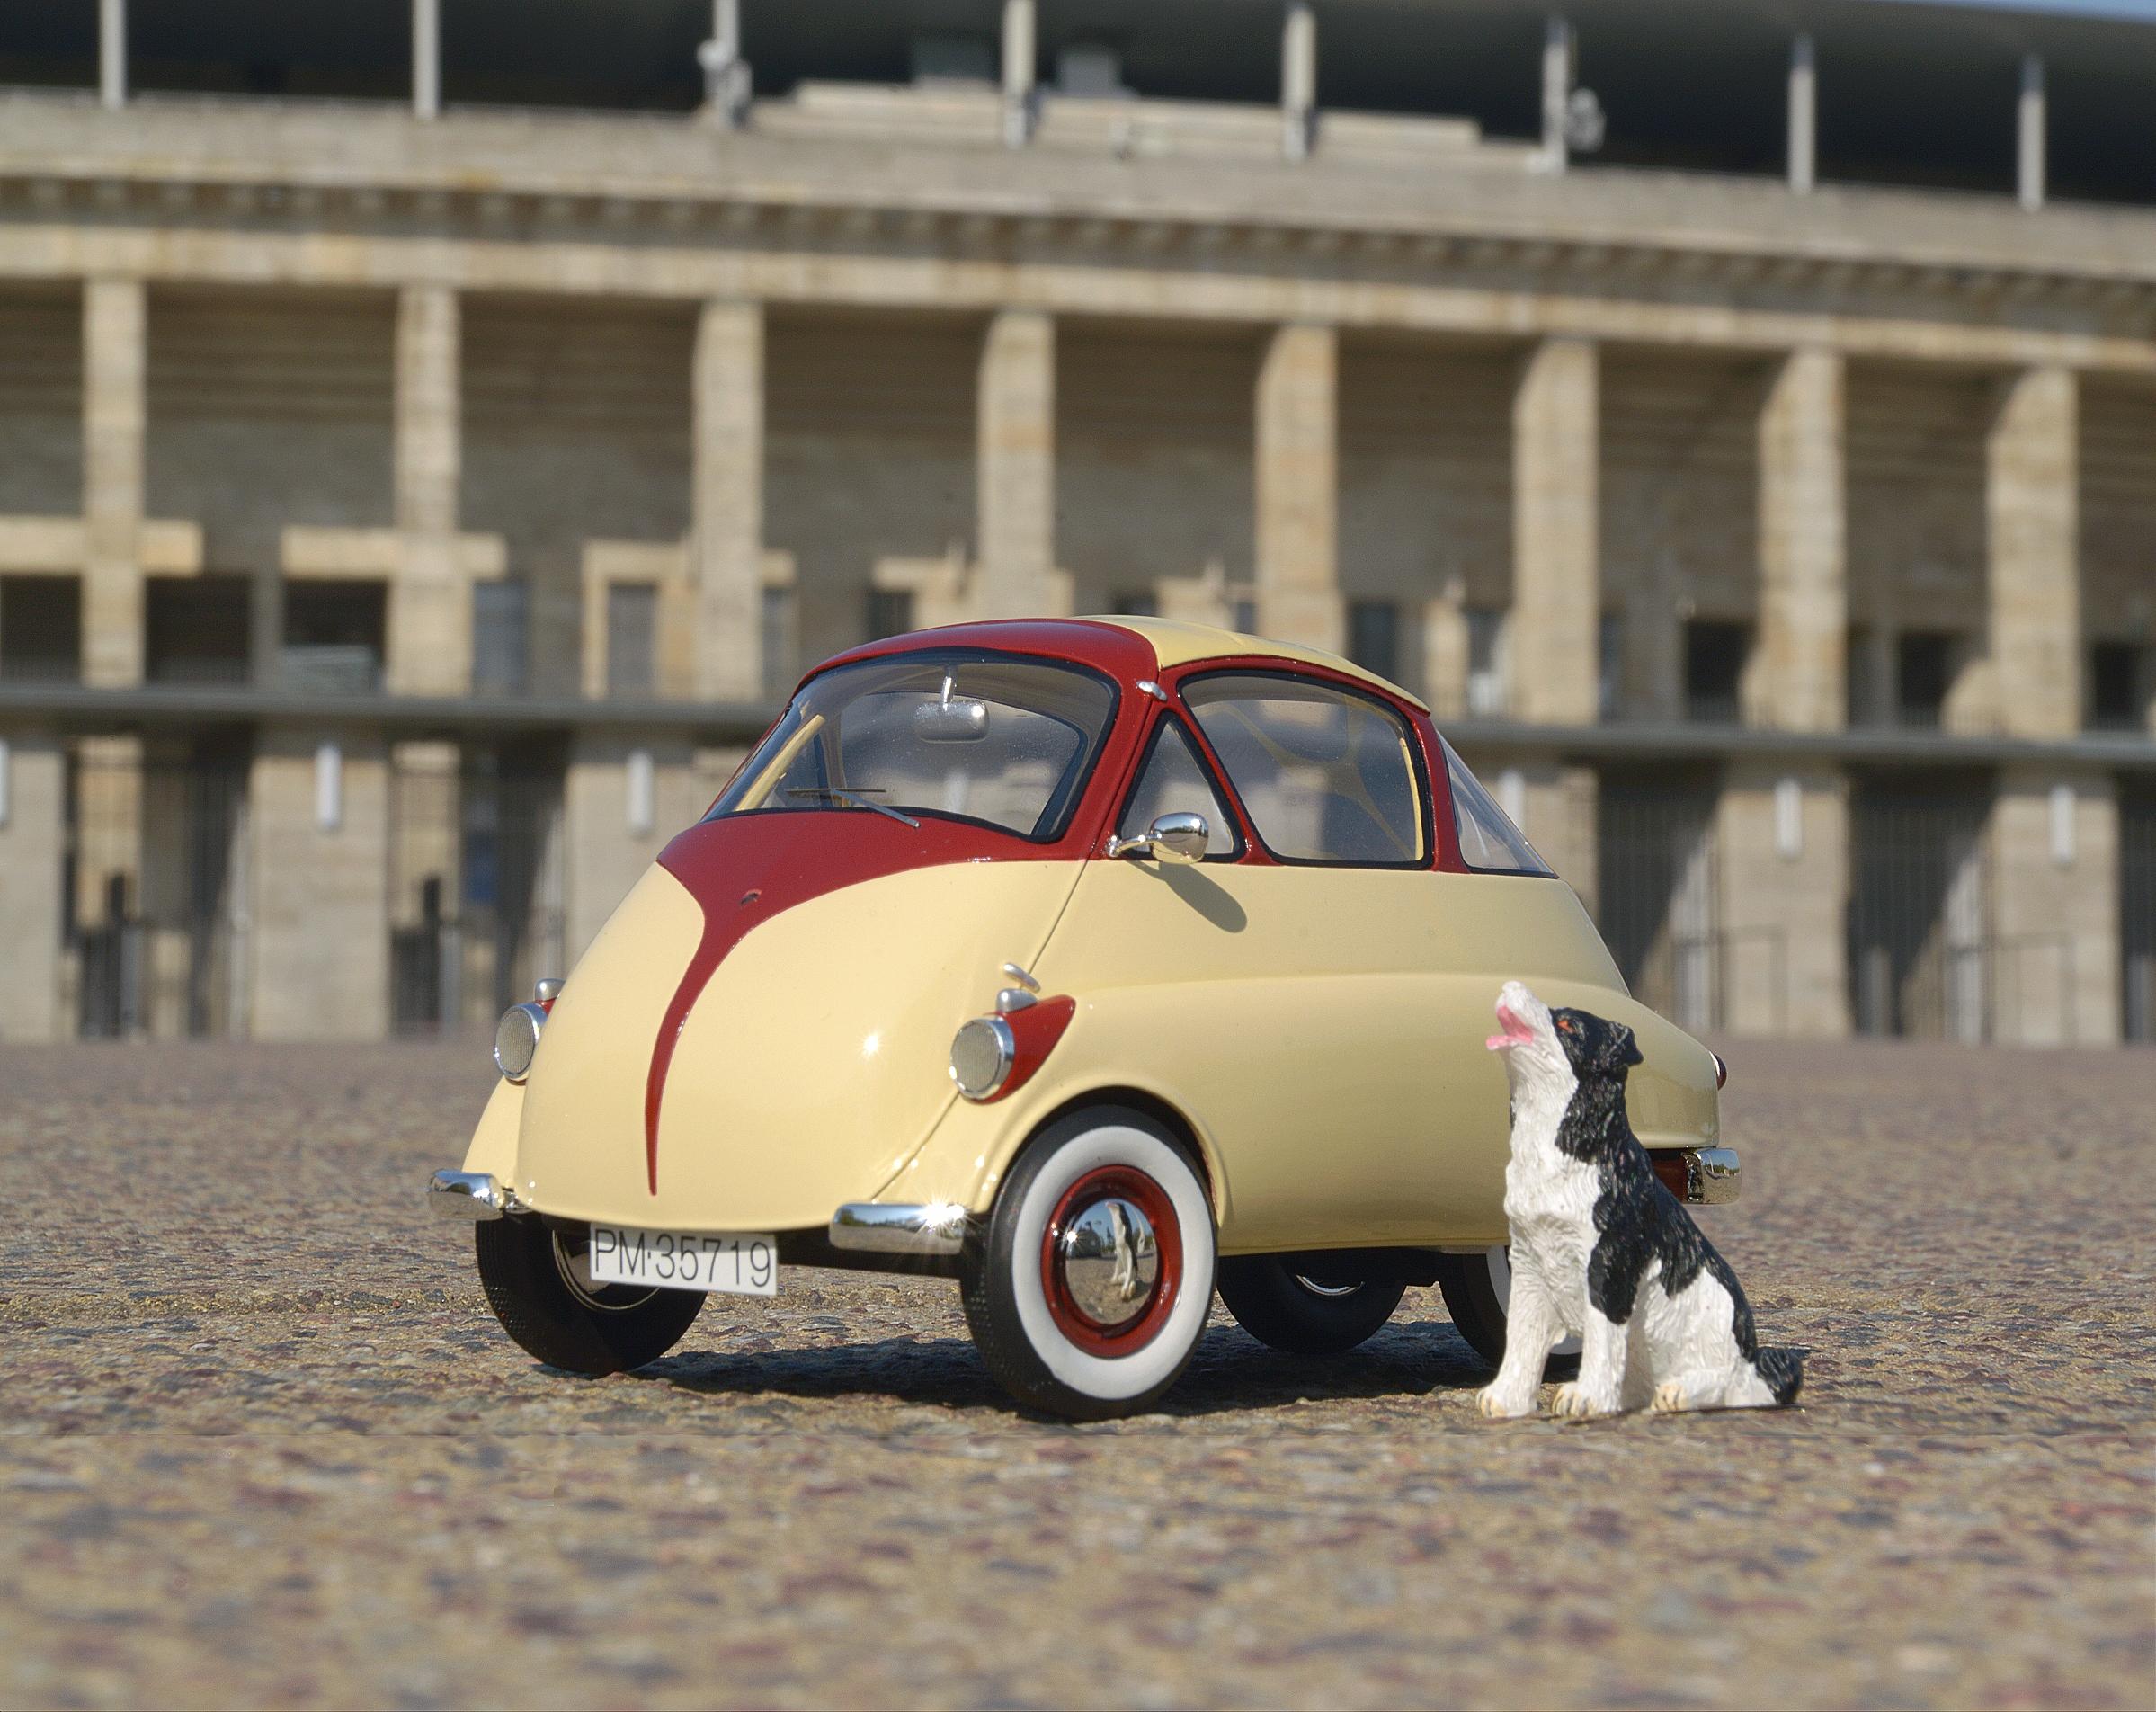 Isetta-Modell von Schuco vor dem Haupteingang des Berliner Olympiastadions.